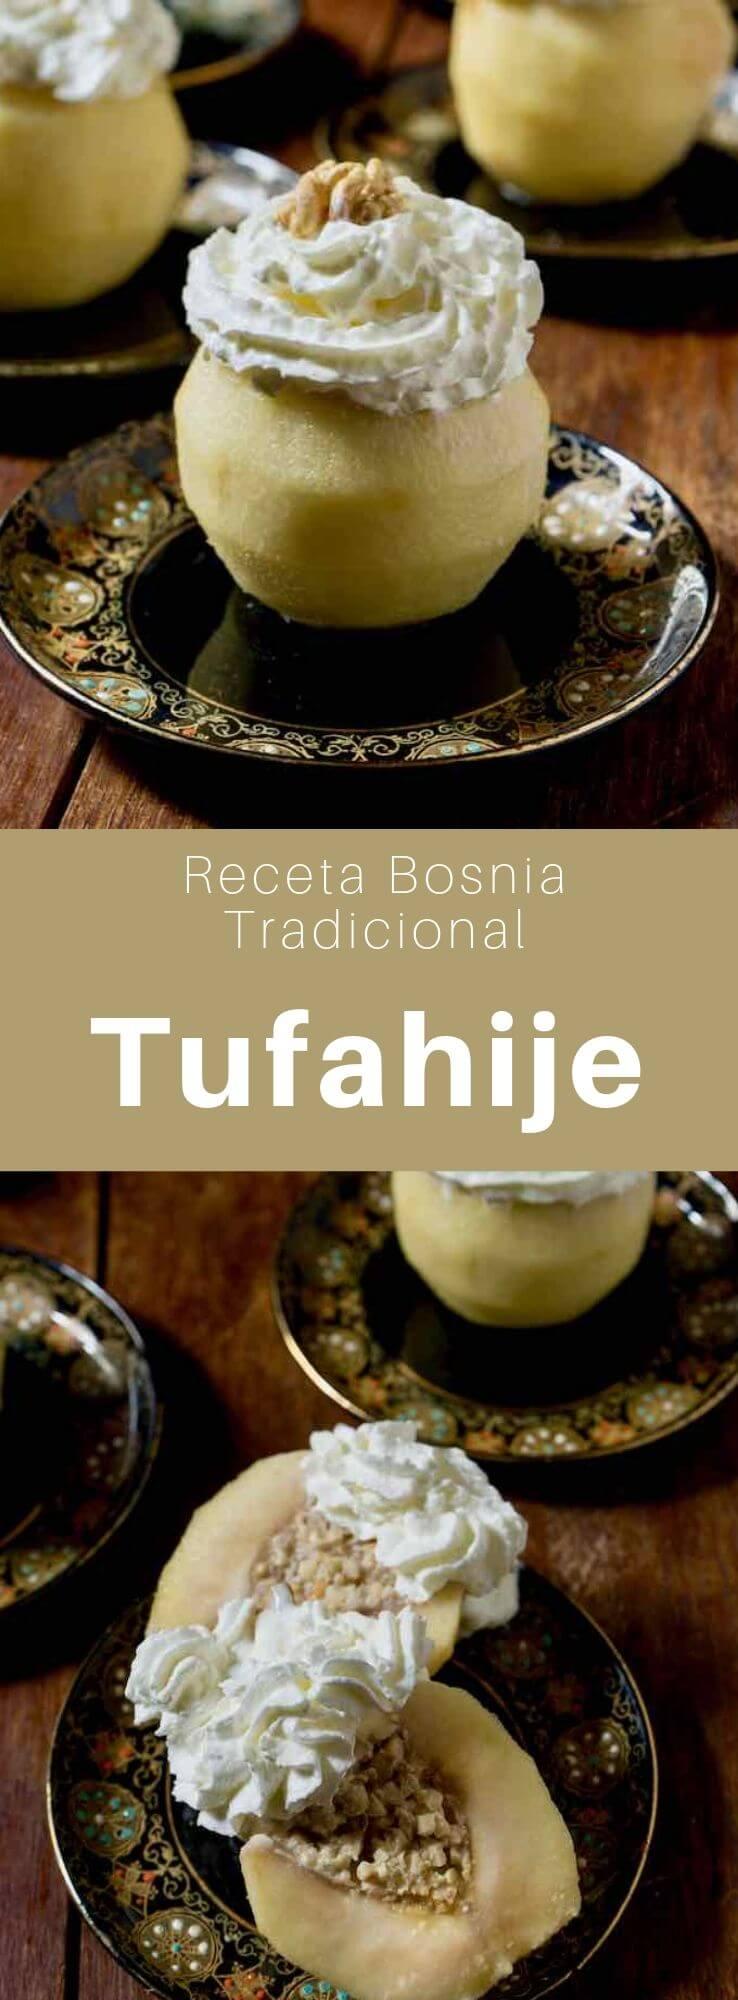 Los tufahije son un postre bosnio hecho con manzanas rellenas de nueces y hervidas en agua azucarada, que también son muy populares en Serbia y Macedonia.